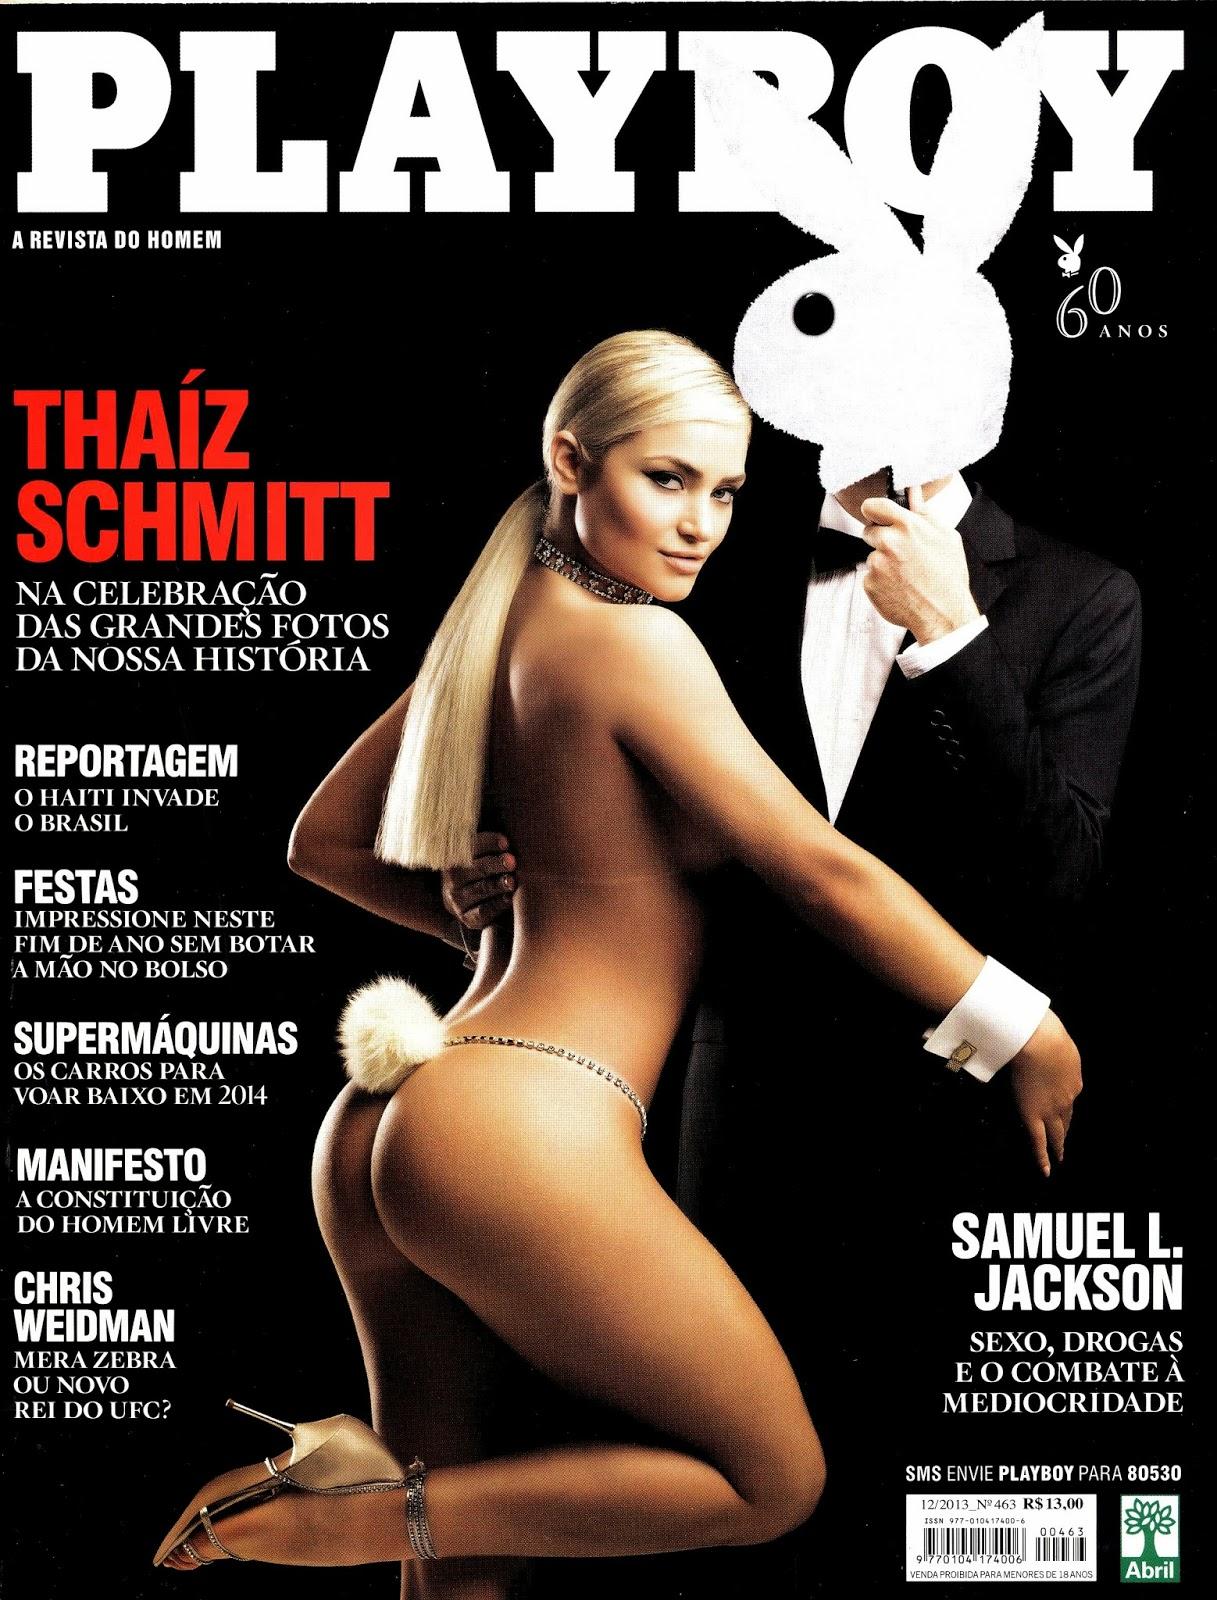 Playboy O Ltimo Navio De Mister Sting